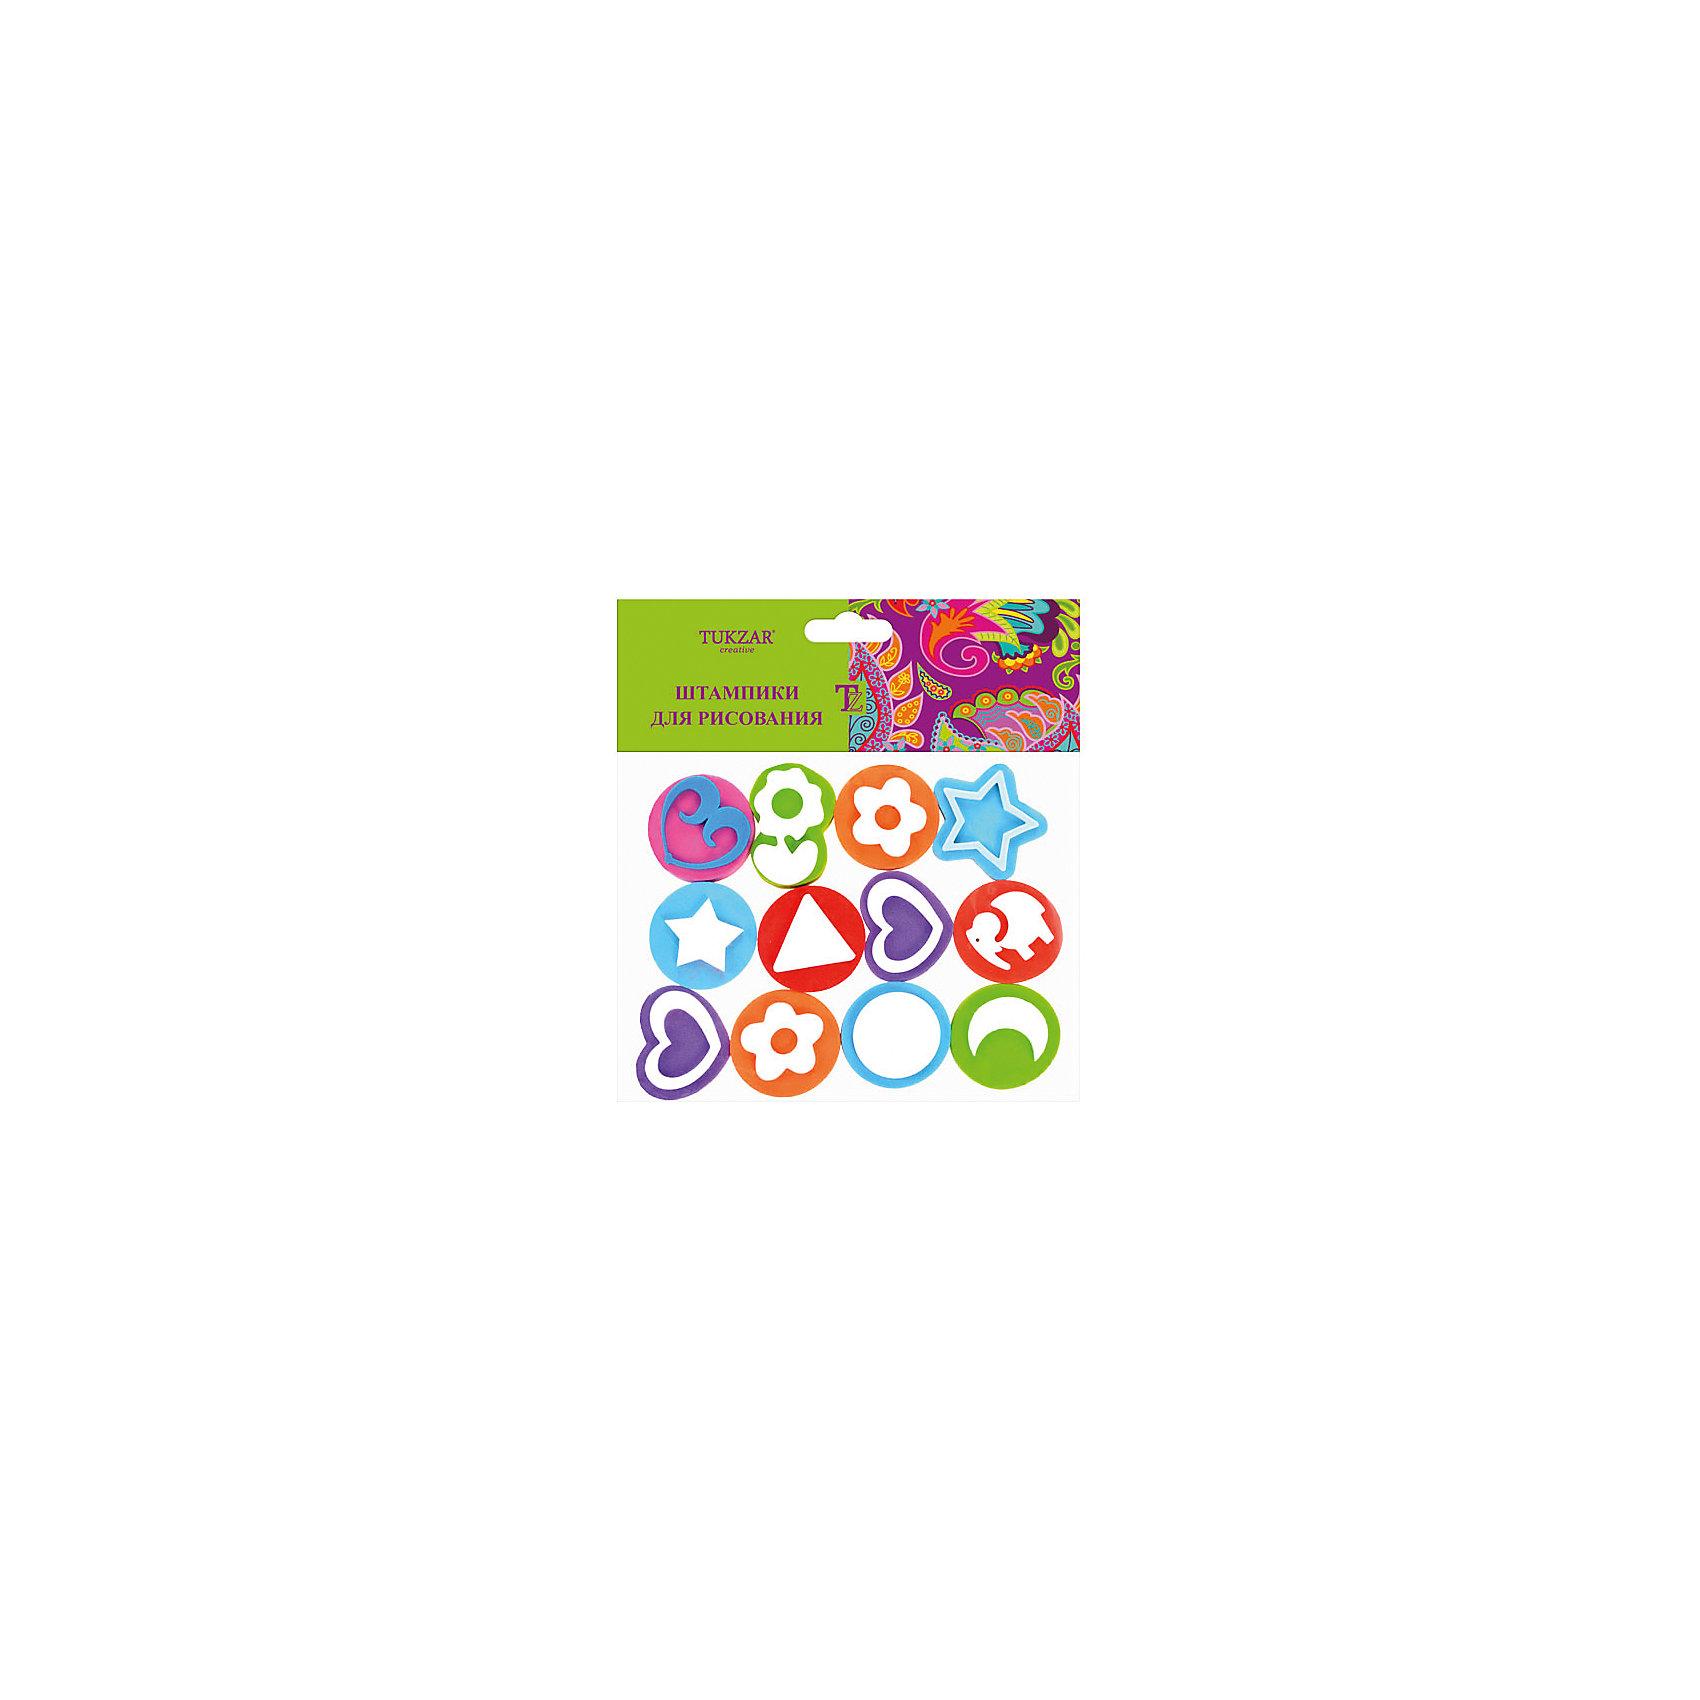 TUKZAR Набор штампиков для рисования (12 шт) набор для объемного 3д рисования feizerg fsp 001 фиолетовый